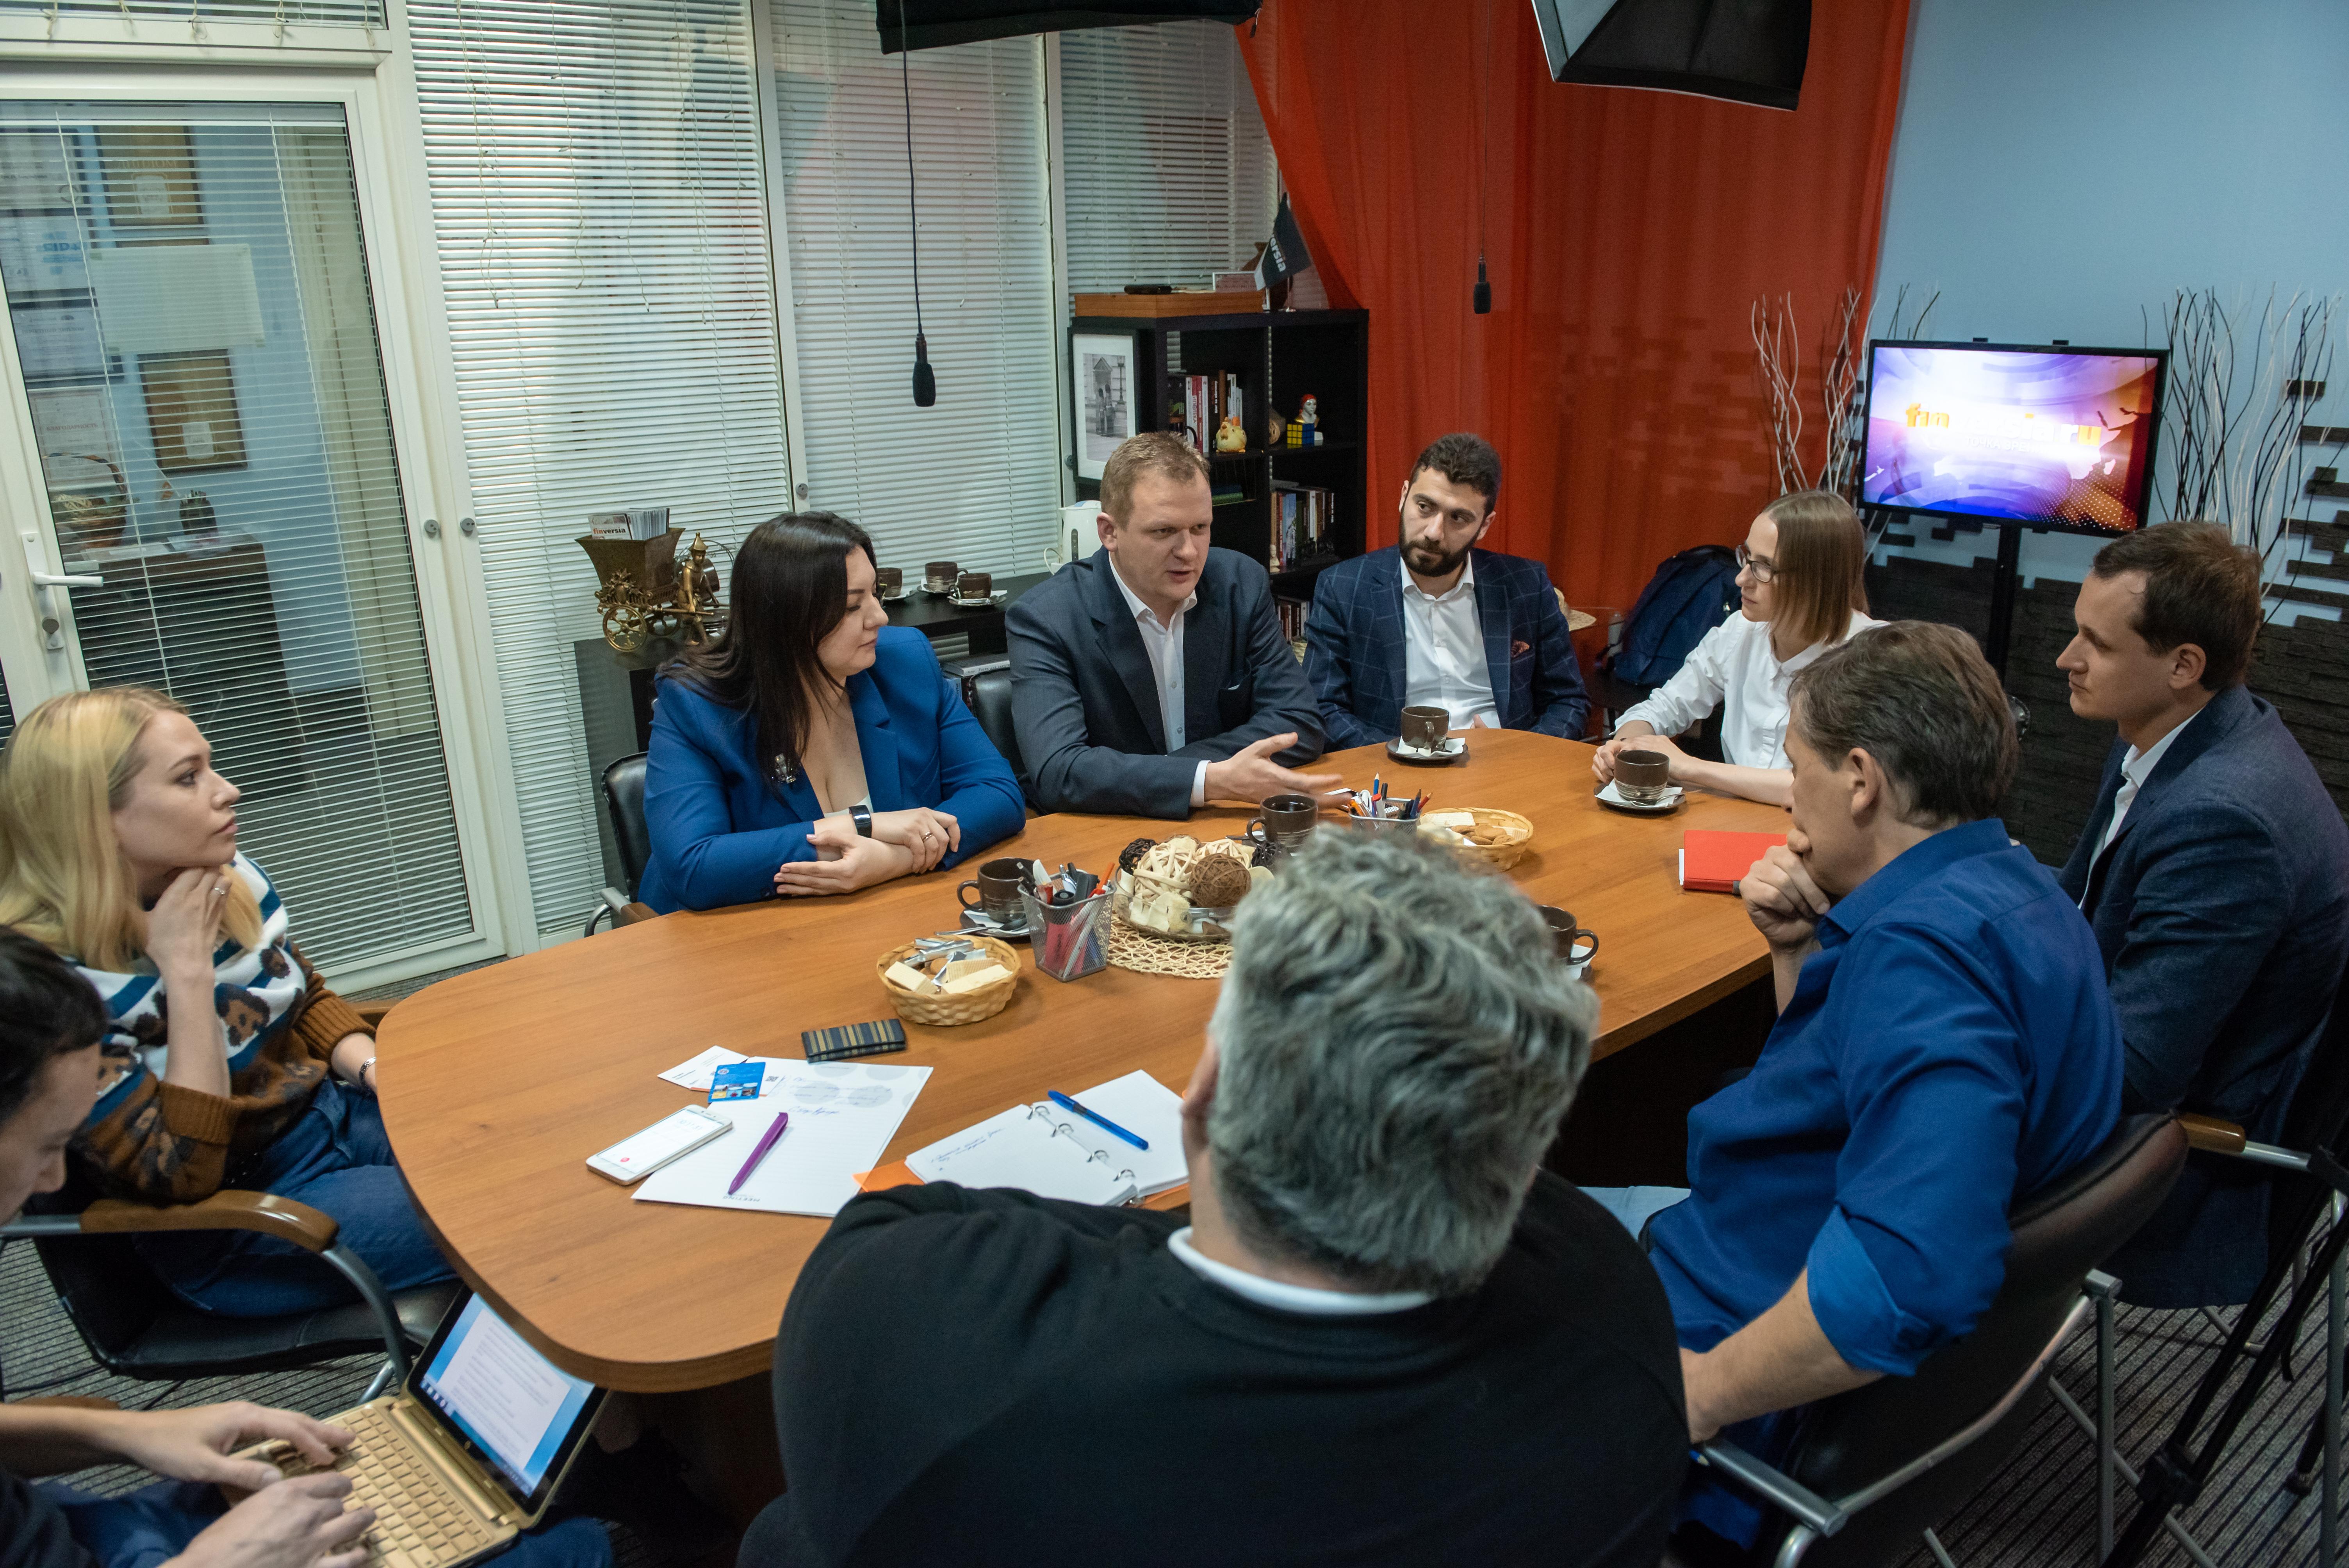 Руководители краудплатформ на площадке Финверсии обсудили тренды и перспективы краудфинансирования для малого бизнеса в форме краудфандинга, краудлендинга и краудинвестинга